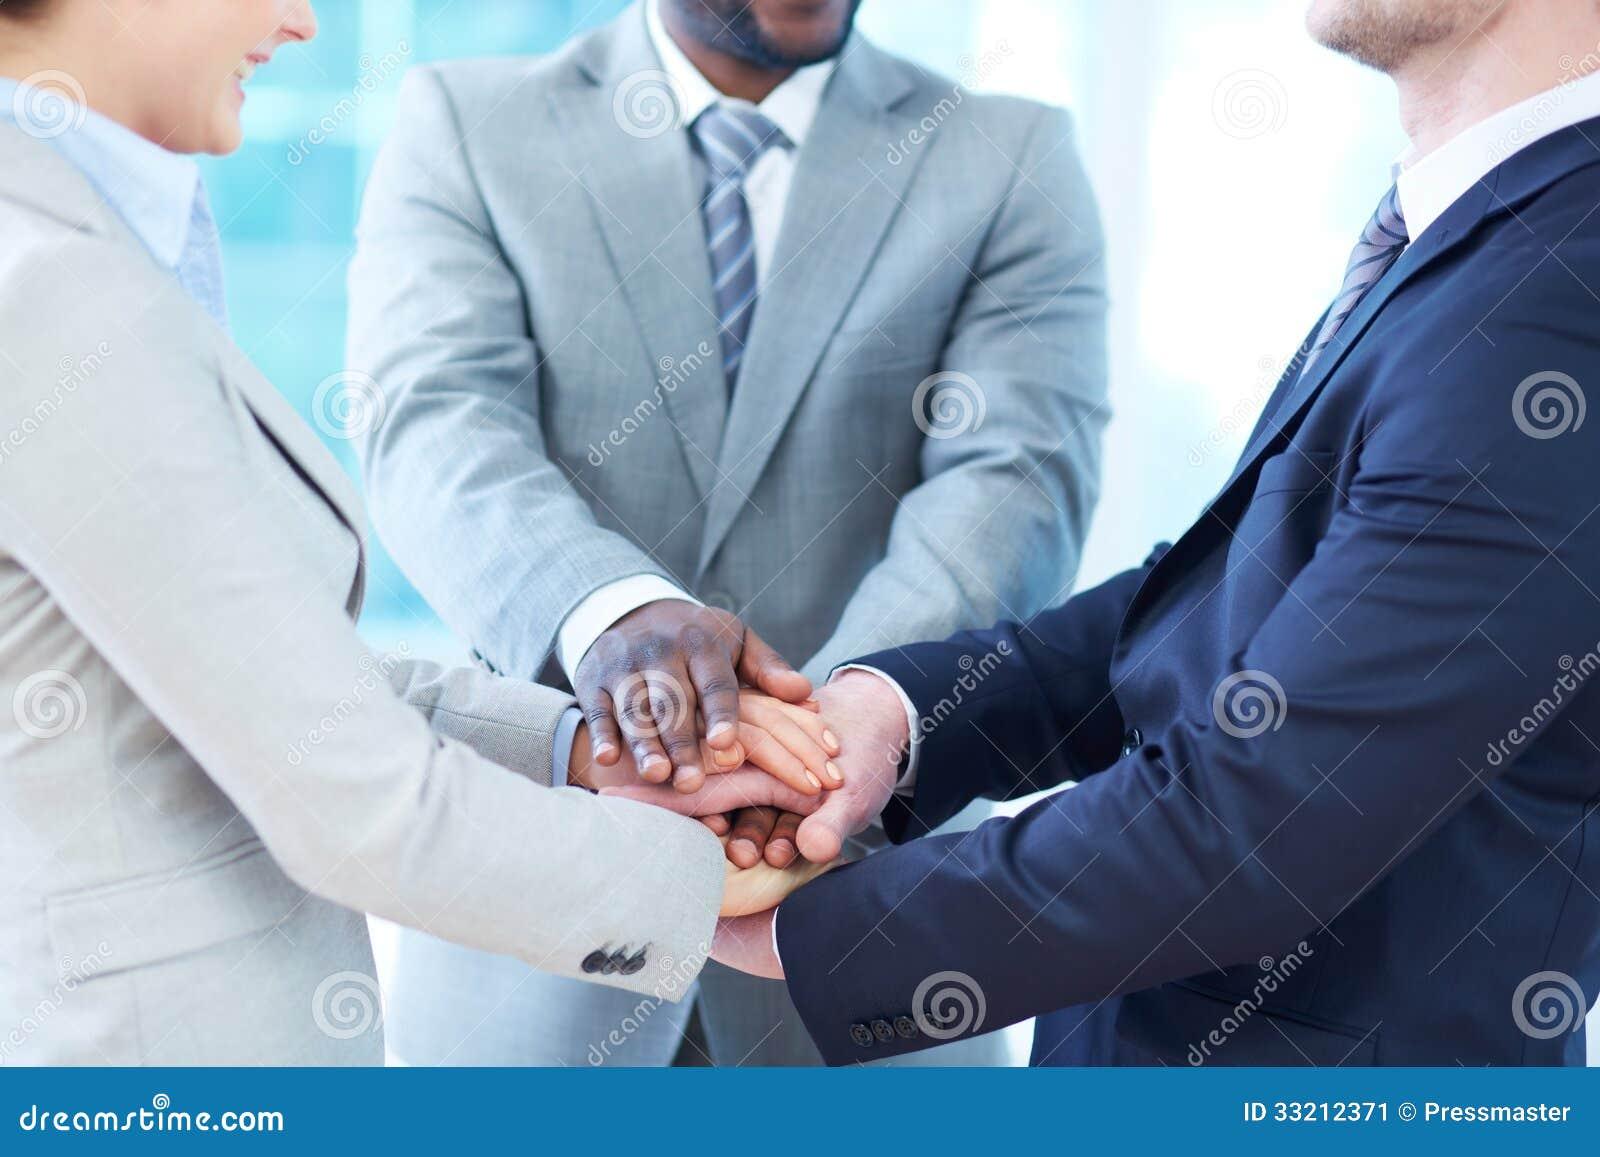 Partnership stock image. Image of female, finger, help ...